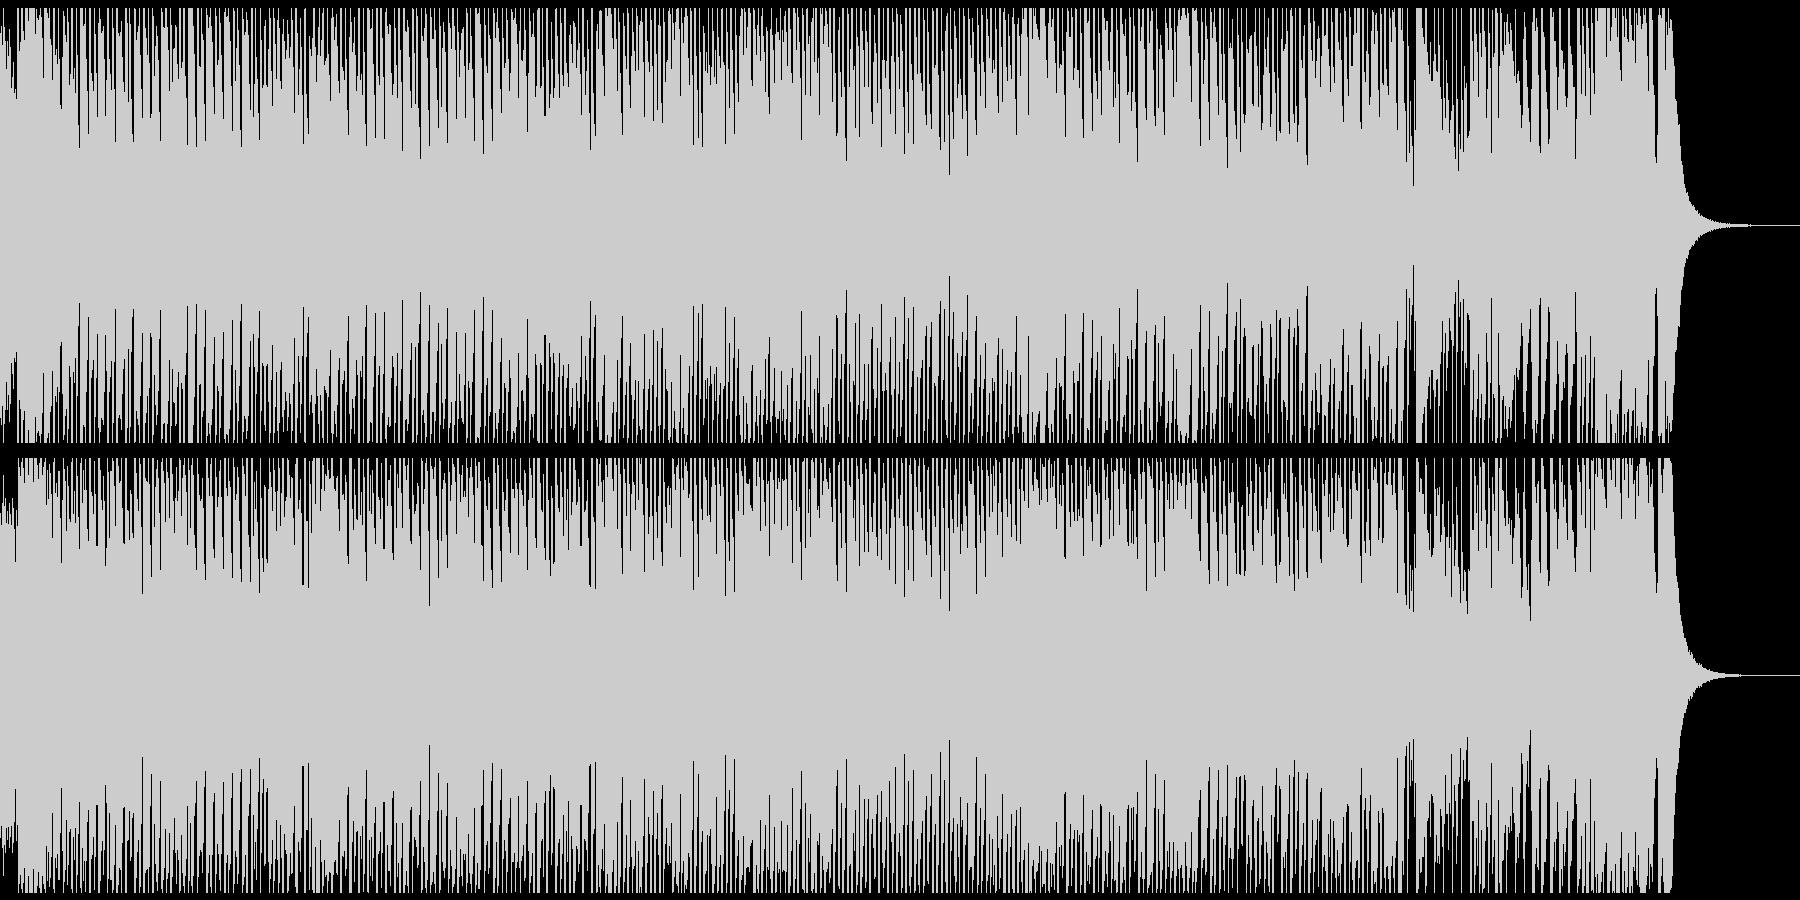 ショパンの幻想即興曲ジャズトリオアレンジの未再生の波形